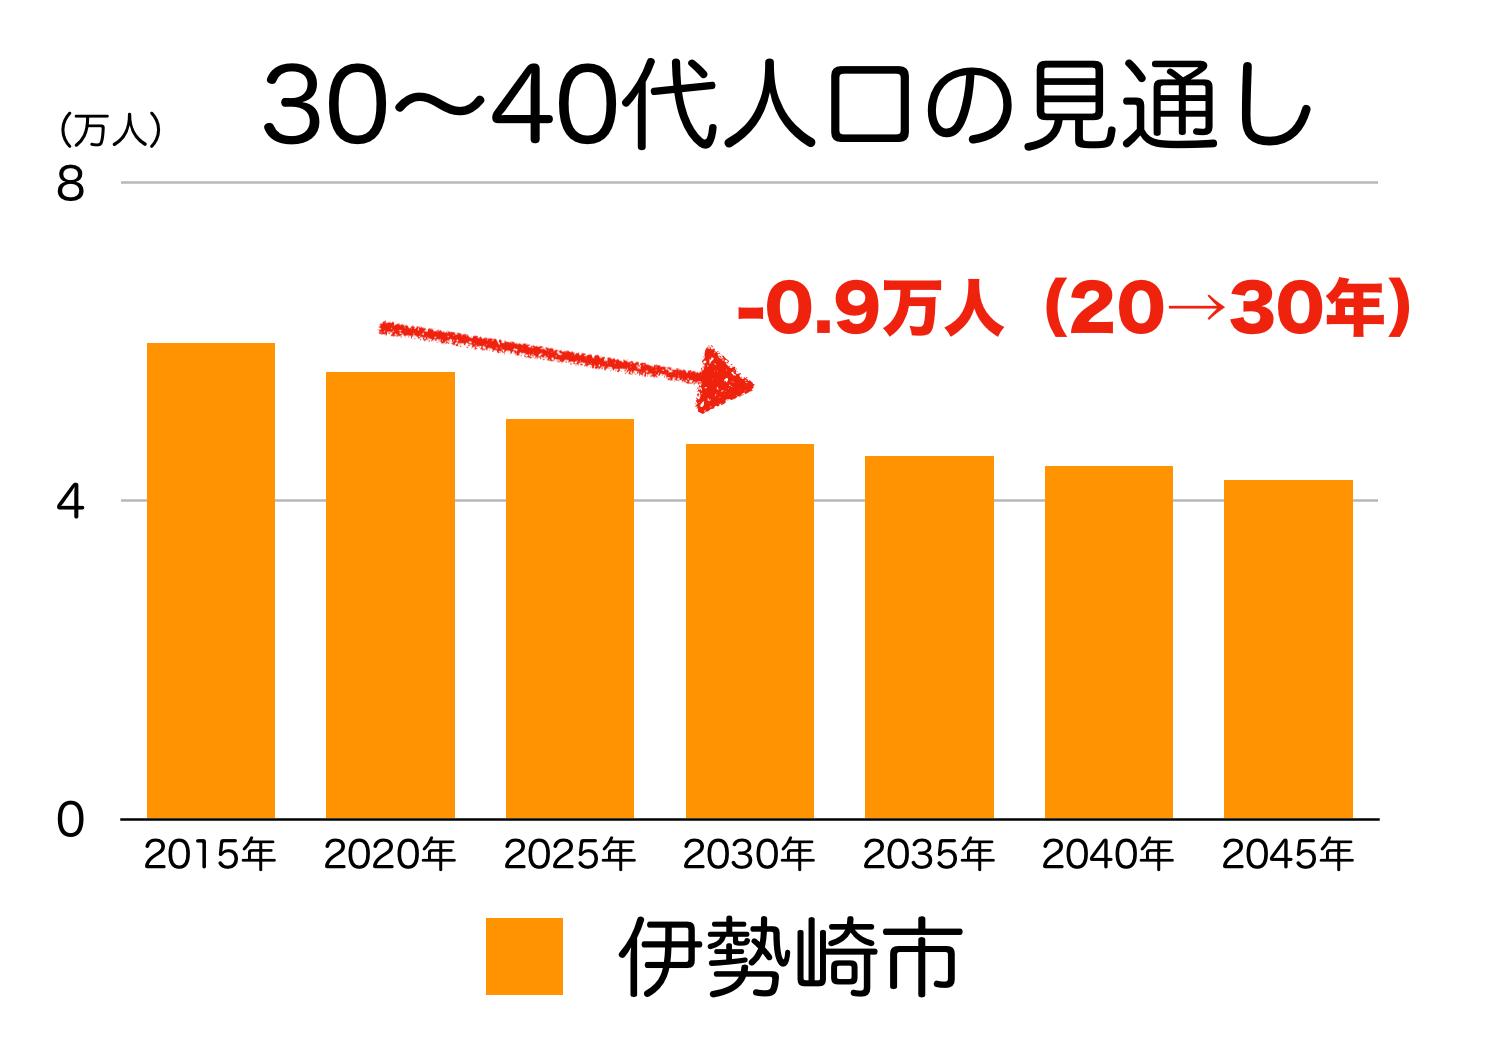 伊勢崎市の30〜40代人口の予測